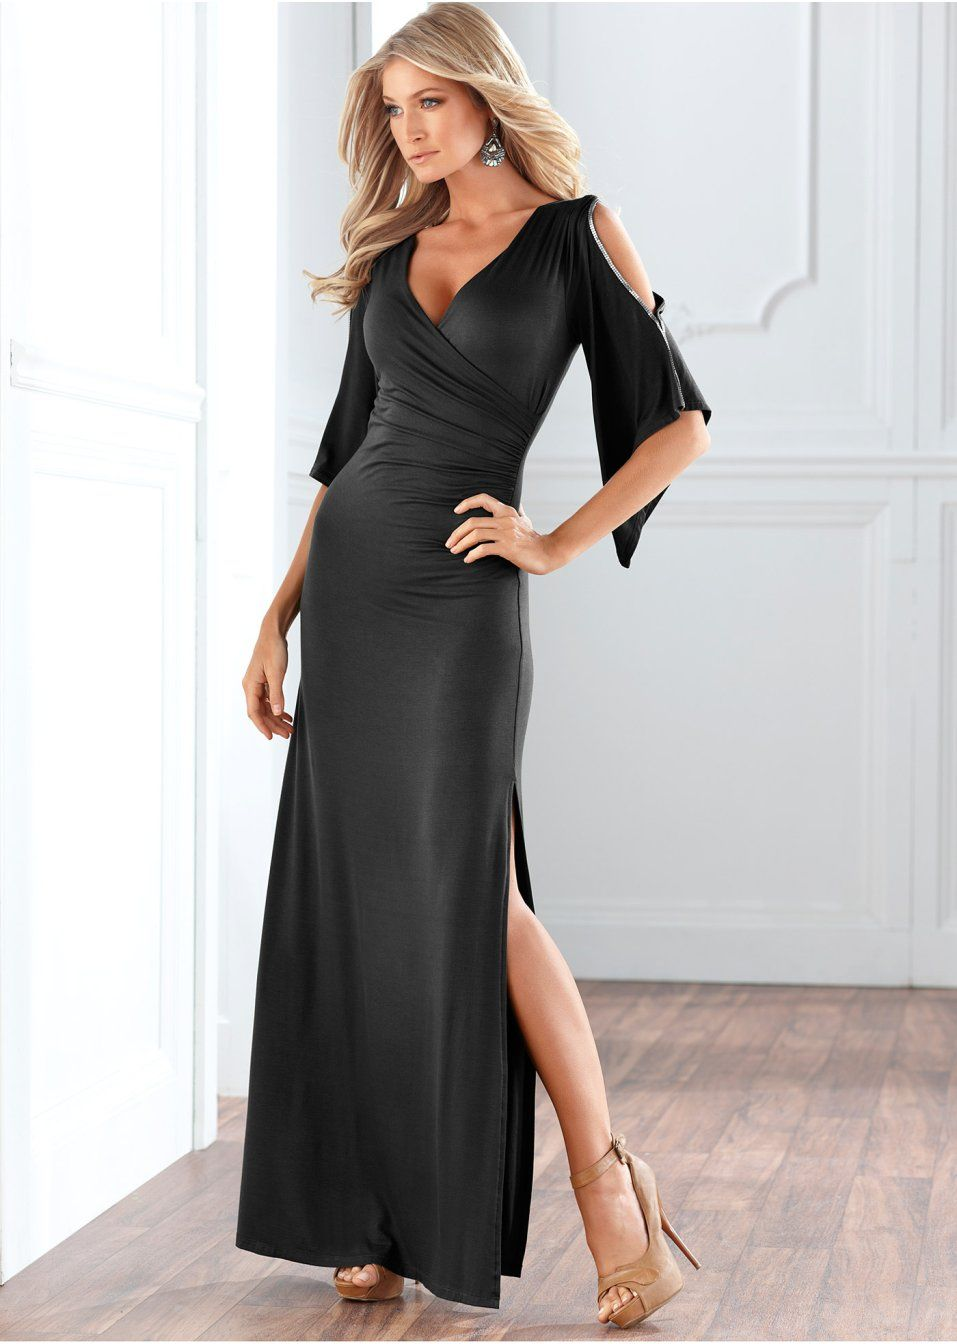 Kleid schwarz - bonprix.de  Lange kleider, Schicke kleider, Kleider